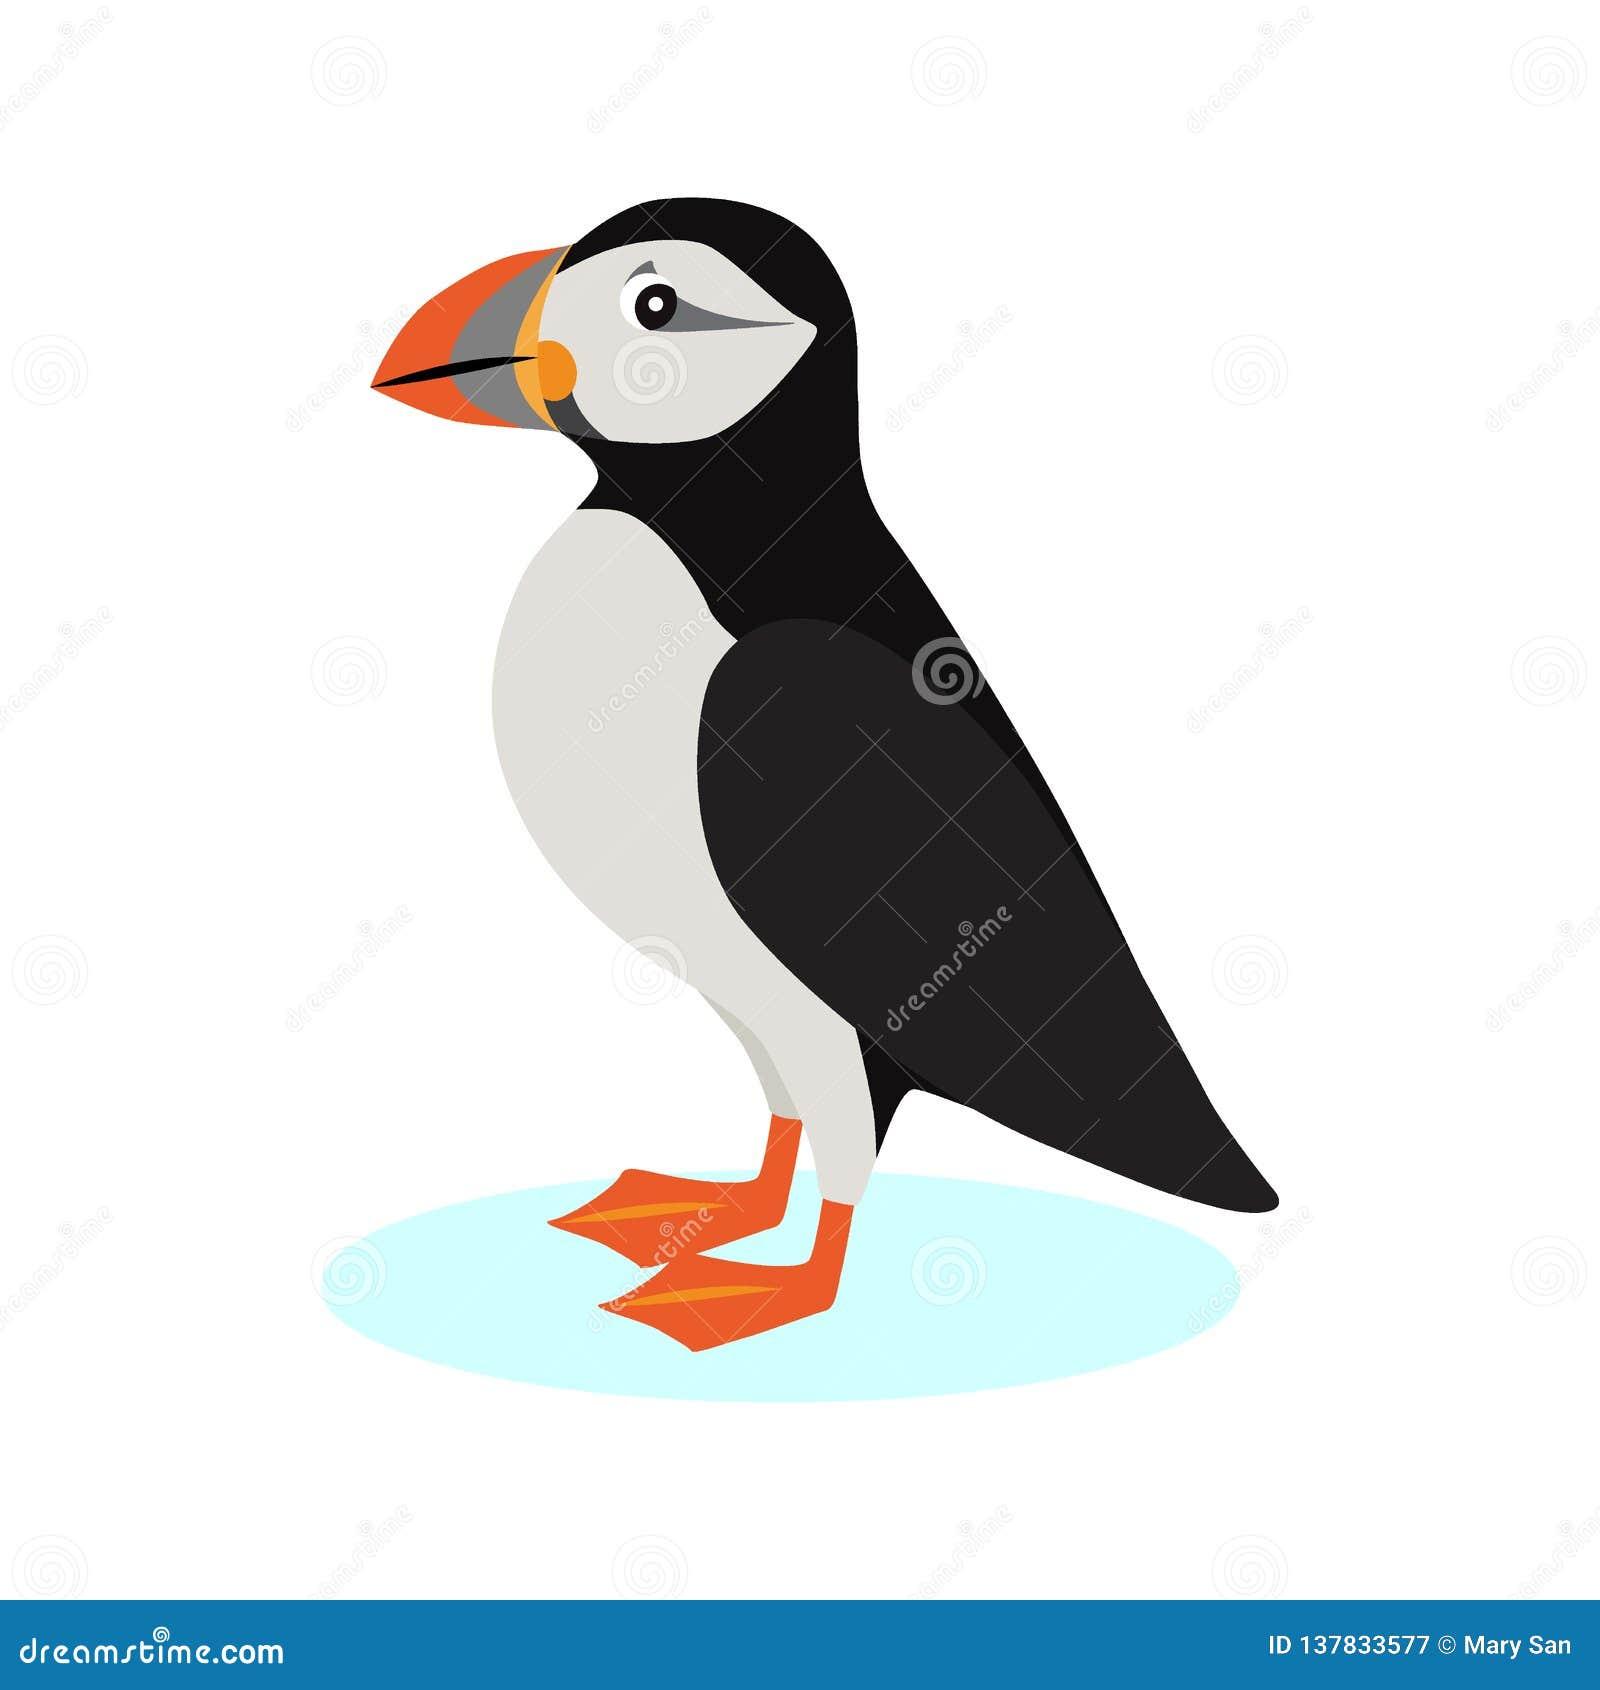 Ατλαντικό εικονίδιο puffin, πολικό πουλί με το ζωηρόχρωμο ράμφος που απομονώνεται στο άσπρο υπόβαθρο, είδη θαλασσοπουλιού, διάνυσ